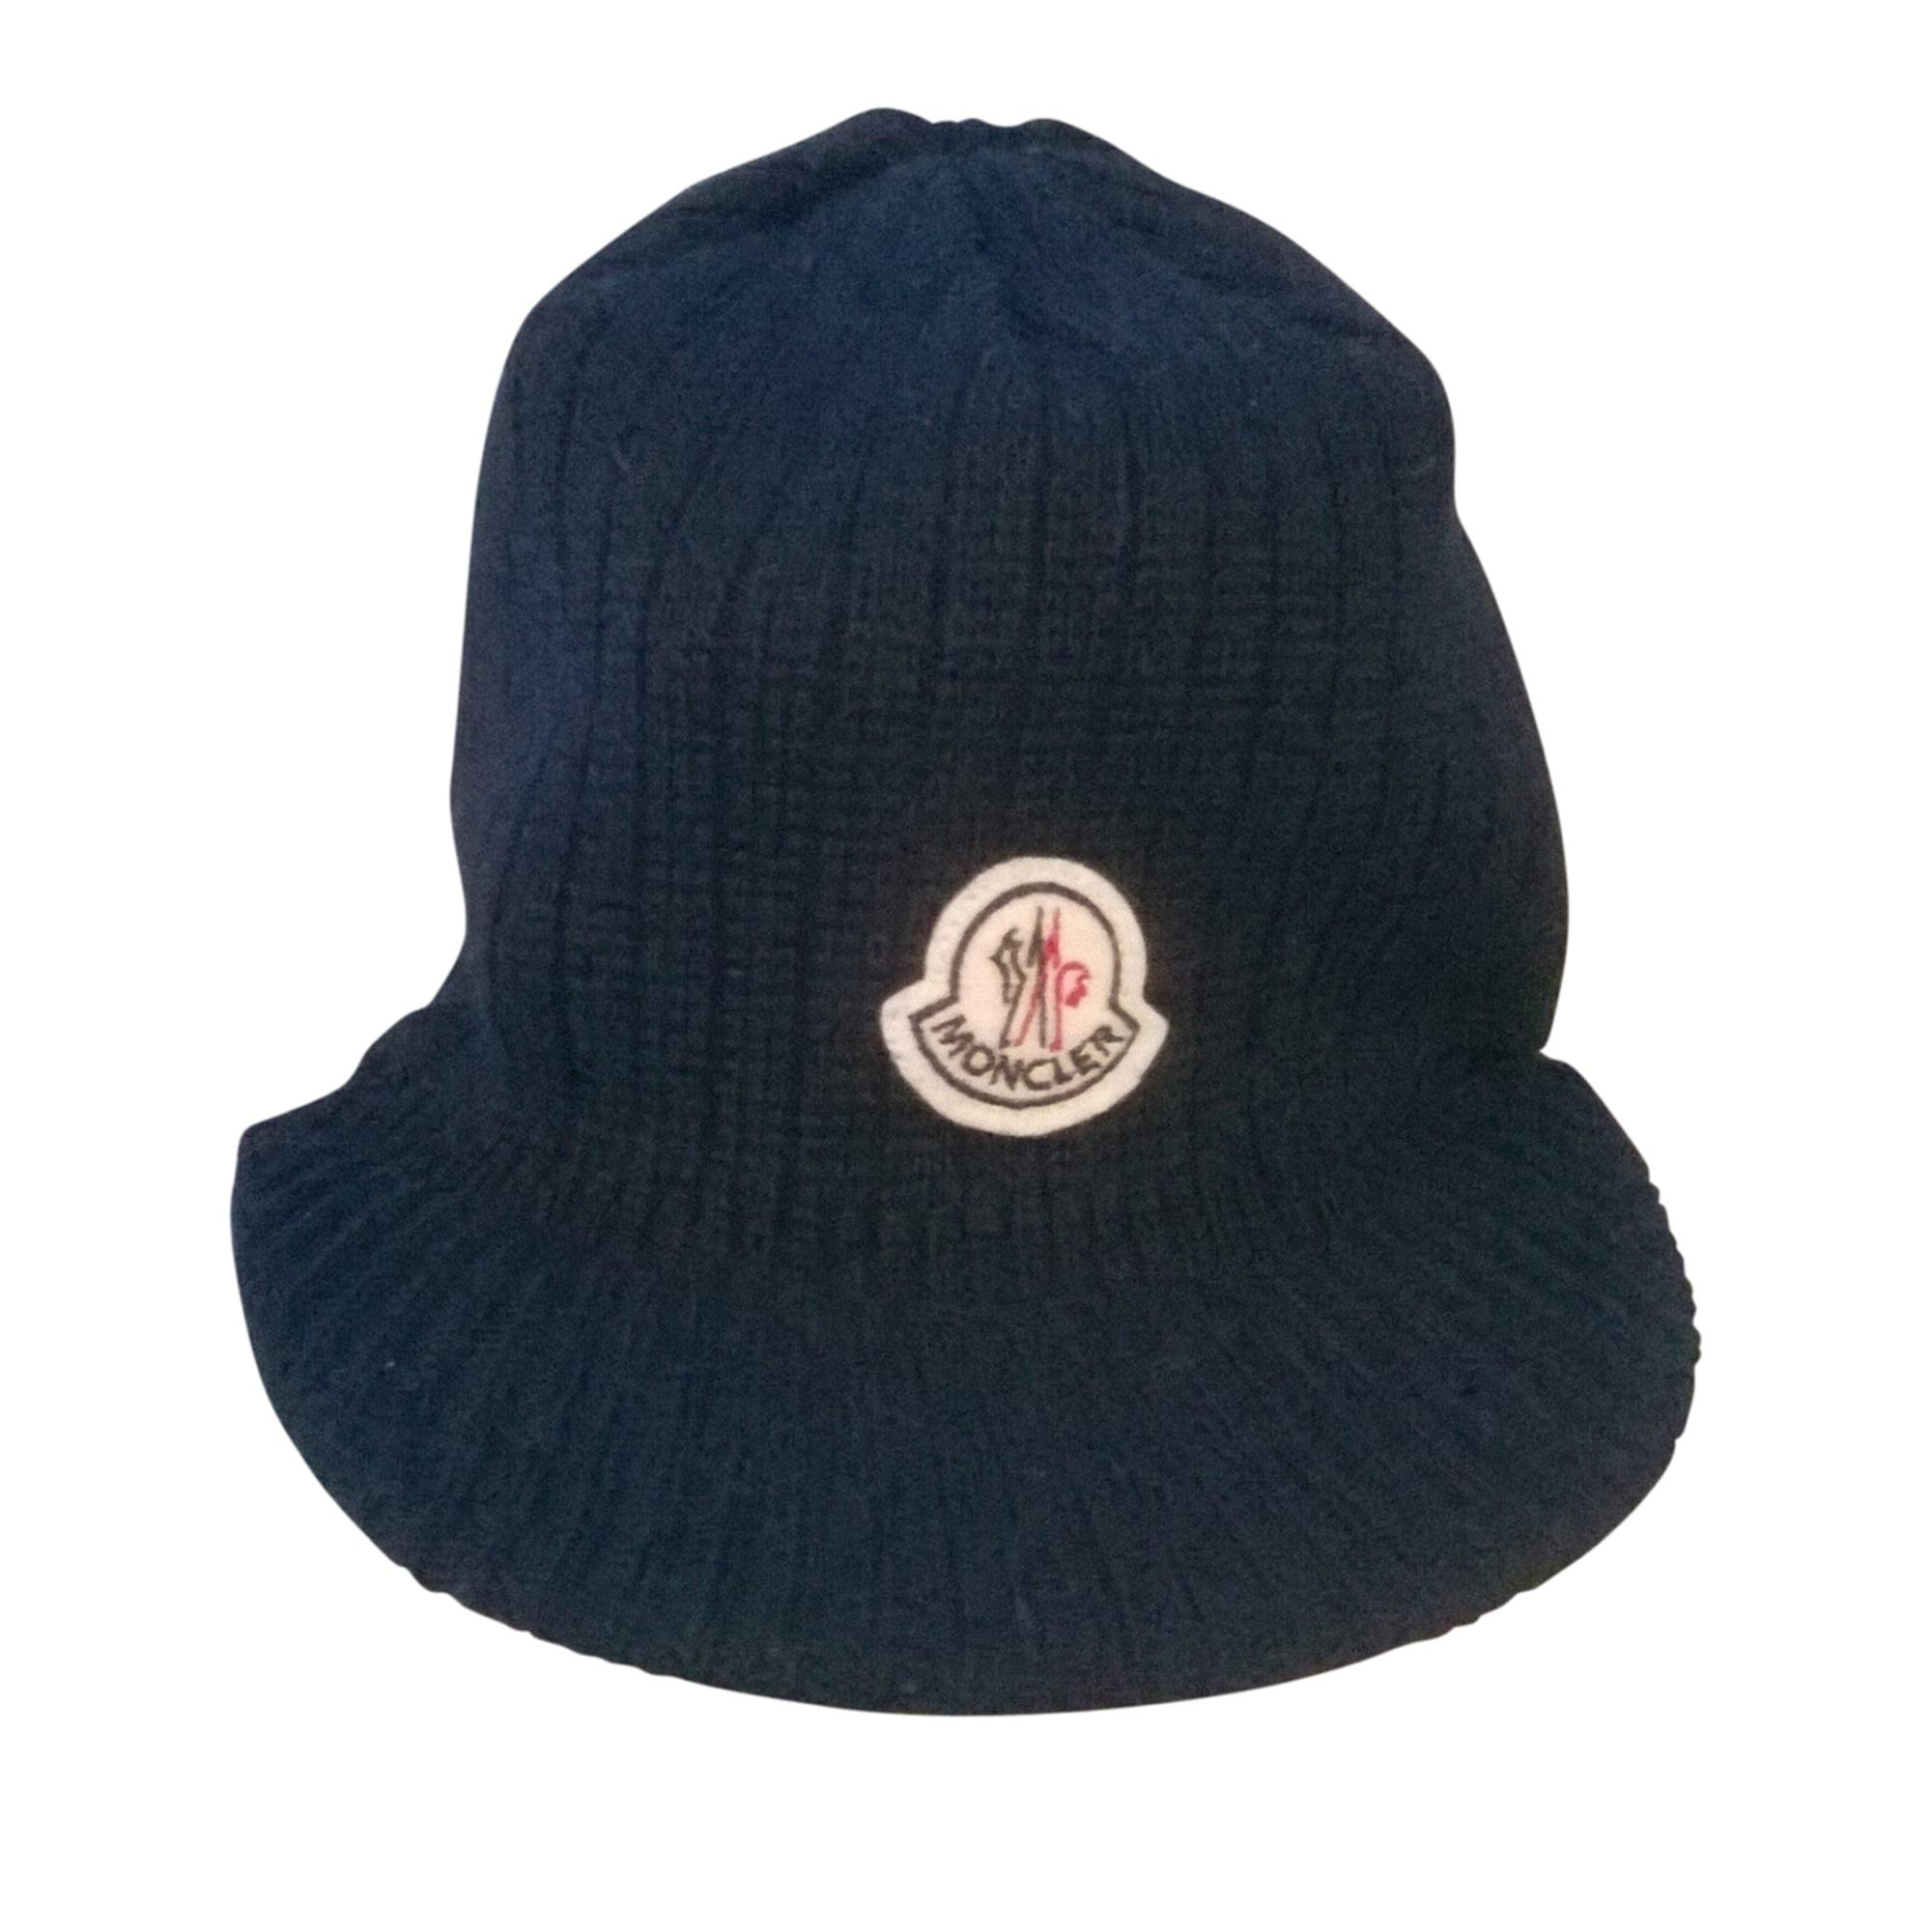 casquette moncler. Chapeaux Moncler Homme Moncler Vert casquette à patch  logo Moncler Grenoble Outlet Shop Tq780480 80e251f96a9